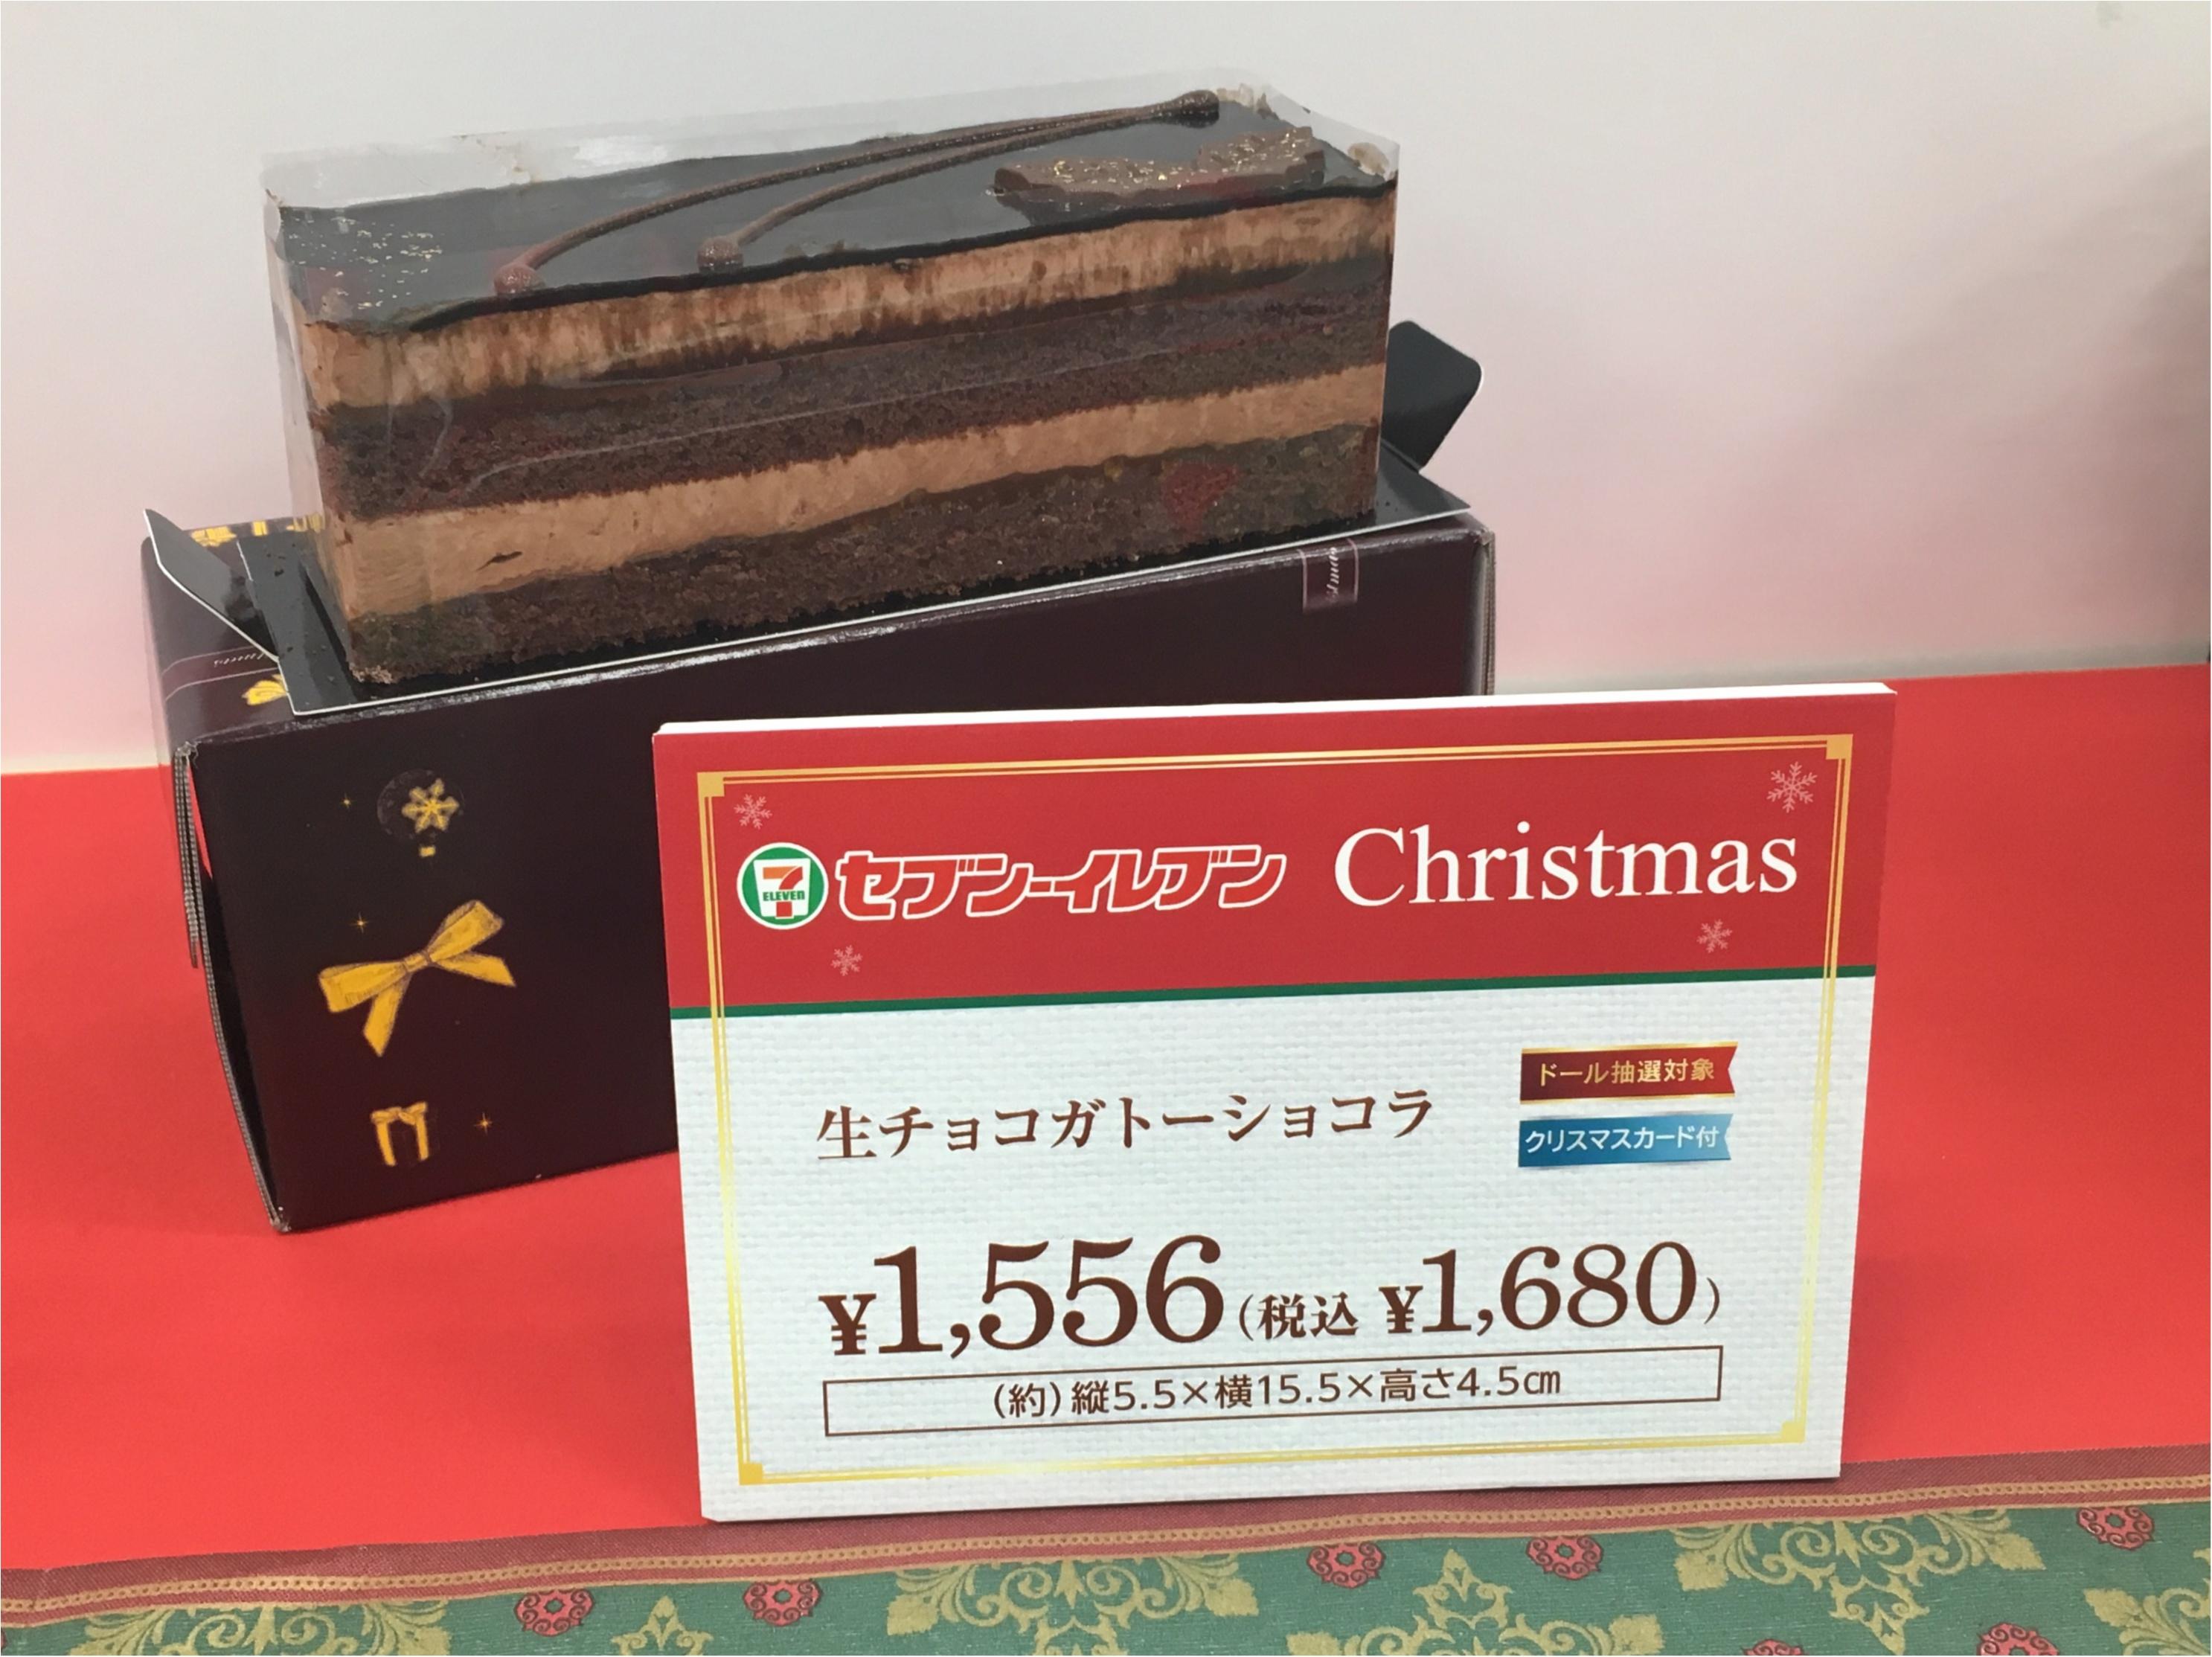 【セブンイレブン】いよいよクリスマス!ケーキどうする?試食会レポート_5